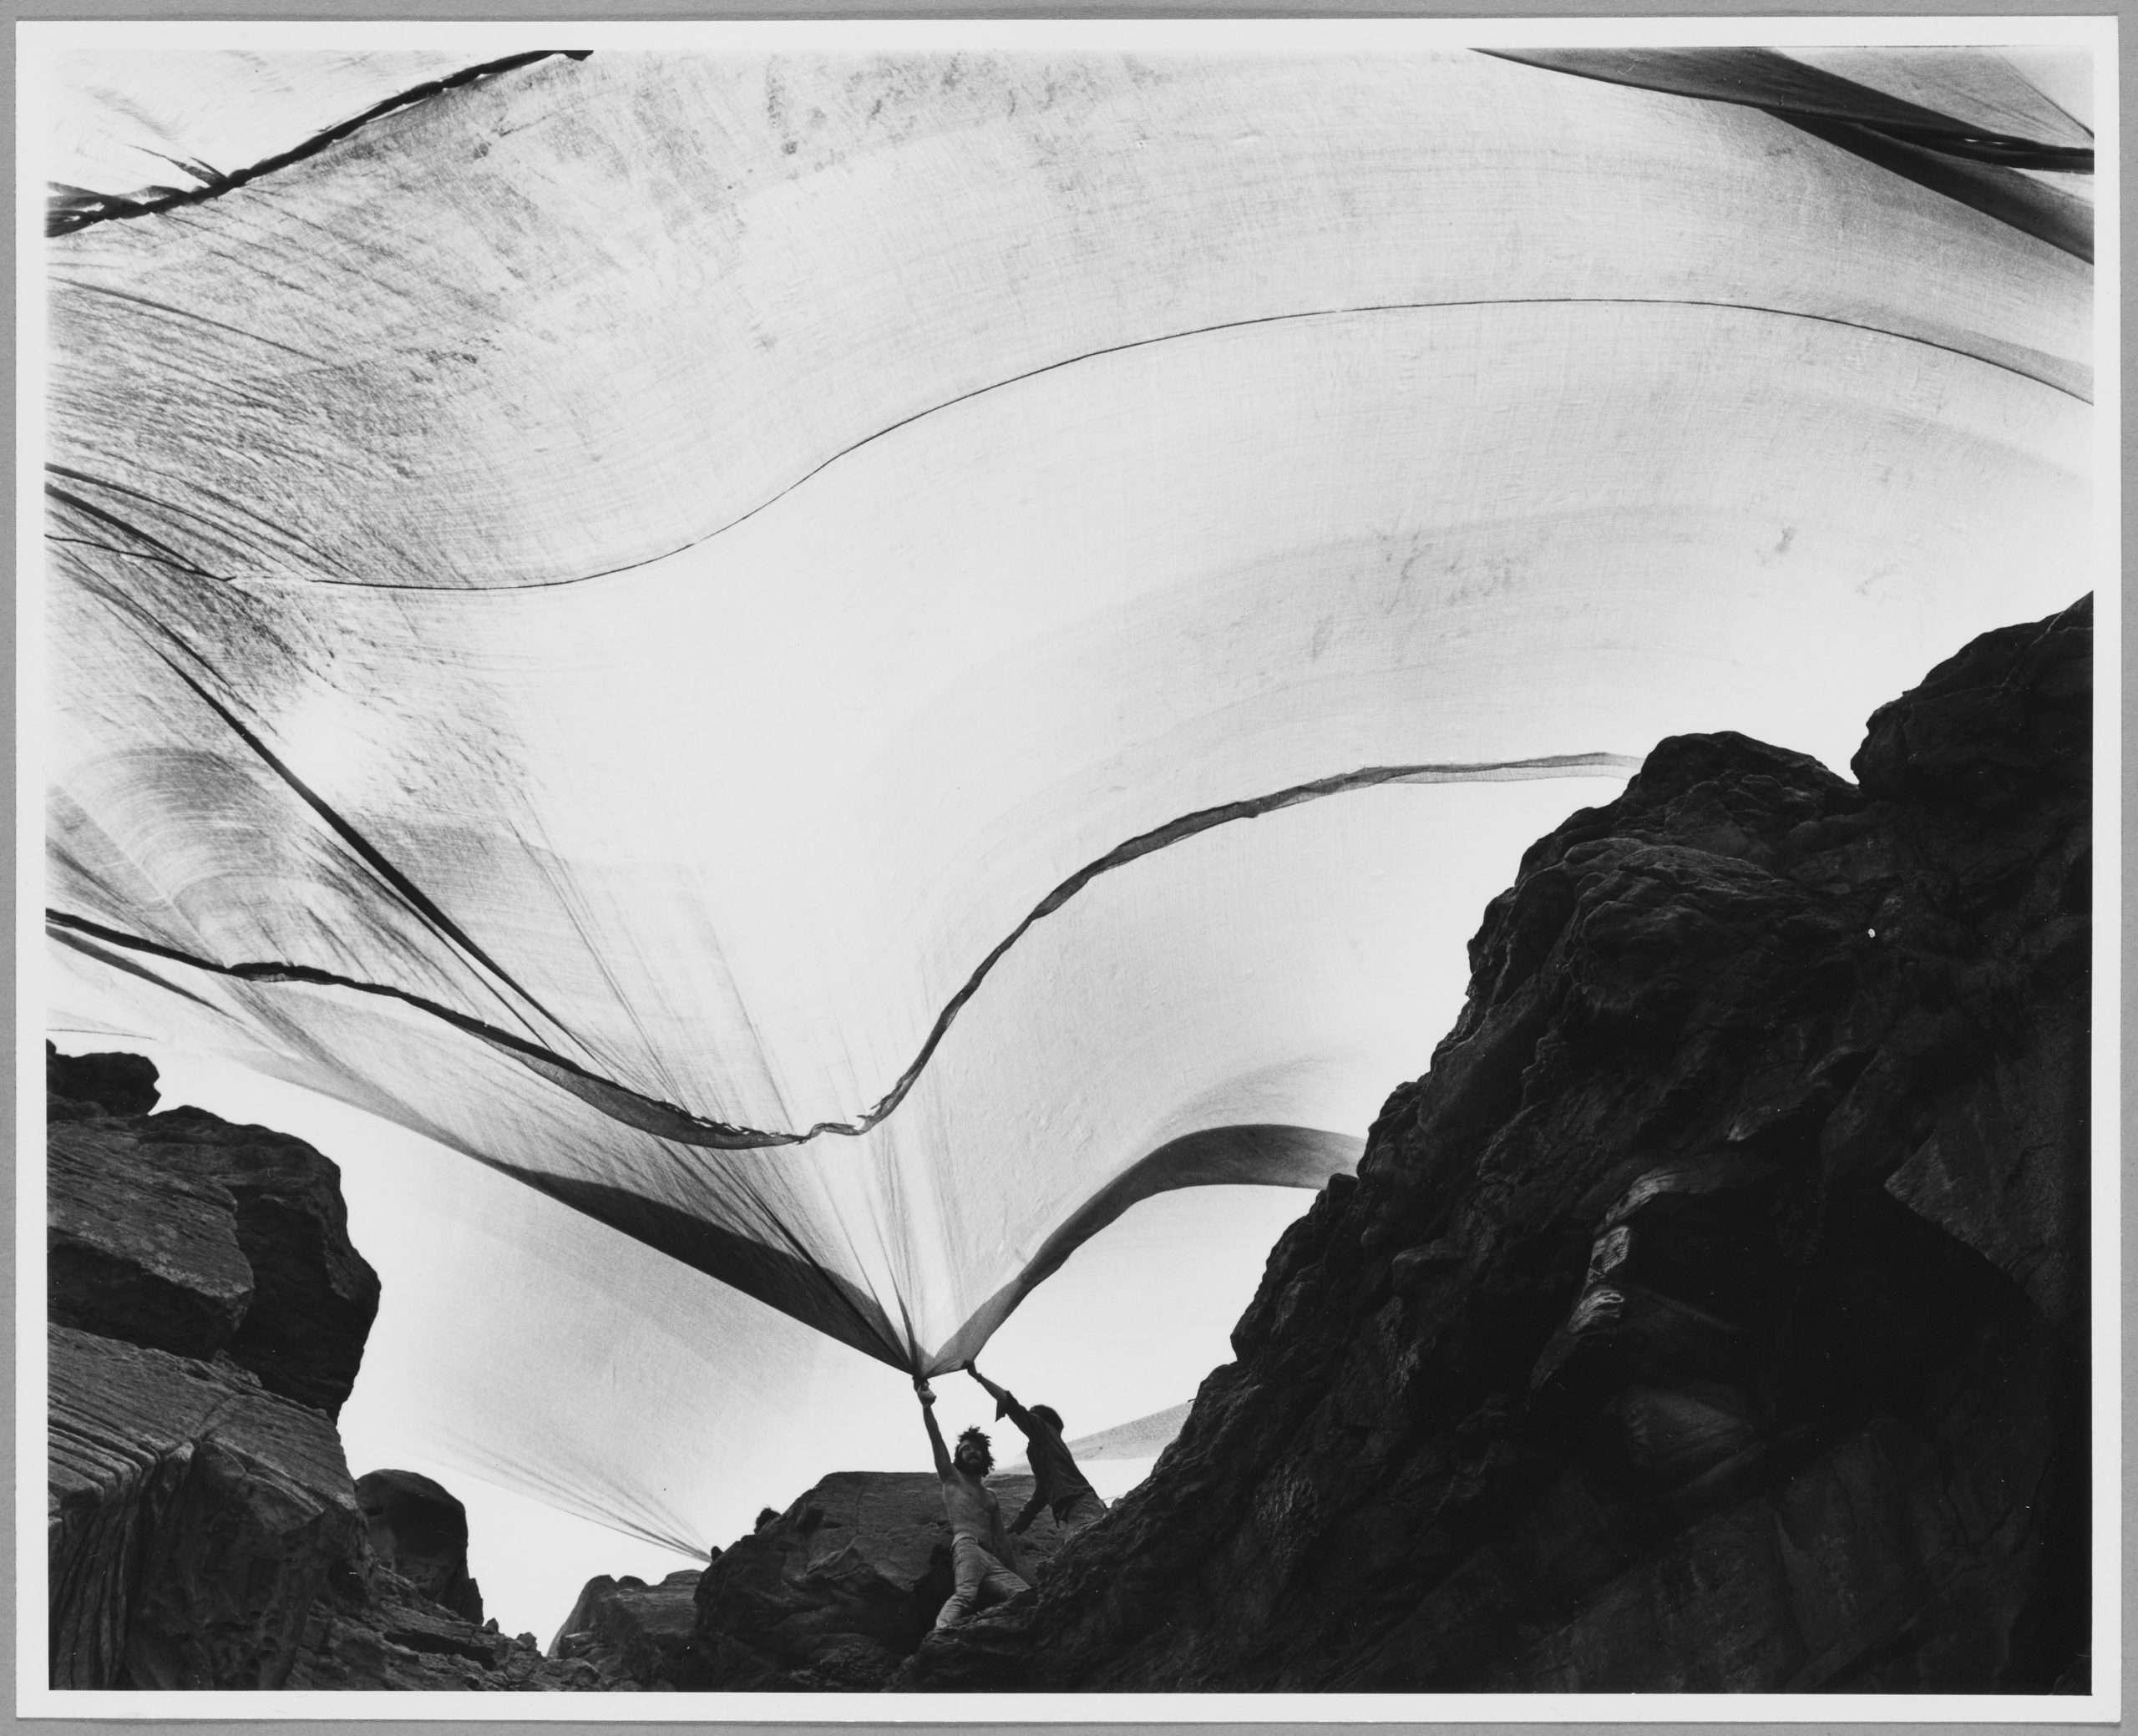 07. Shunk-Kender_Christo e Jeanne Claude, Costa impacchettata, Sidney, 1968-69